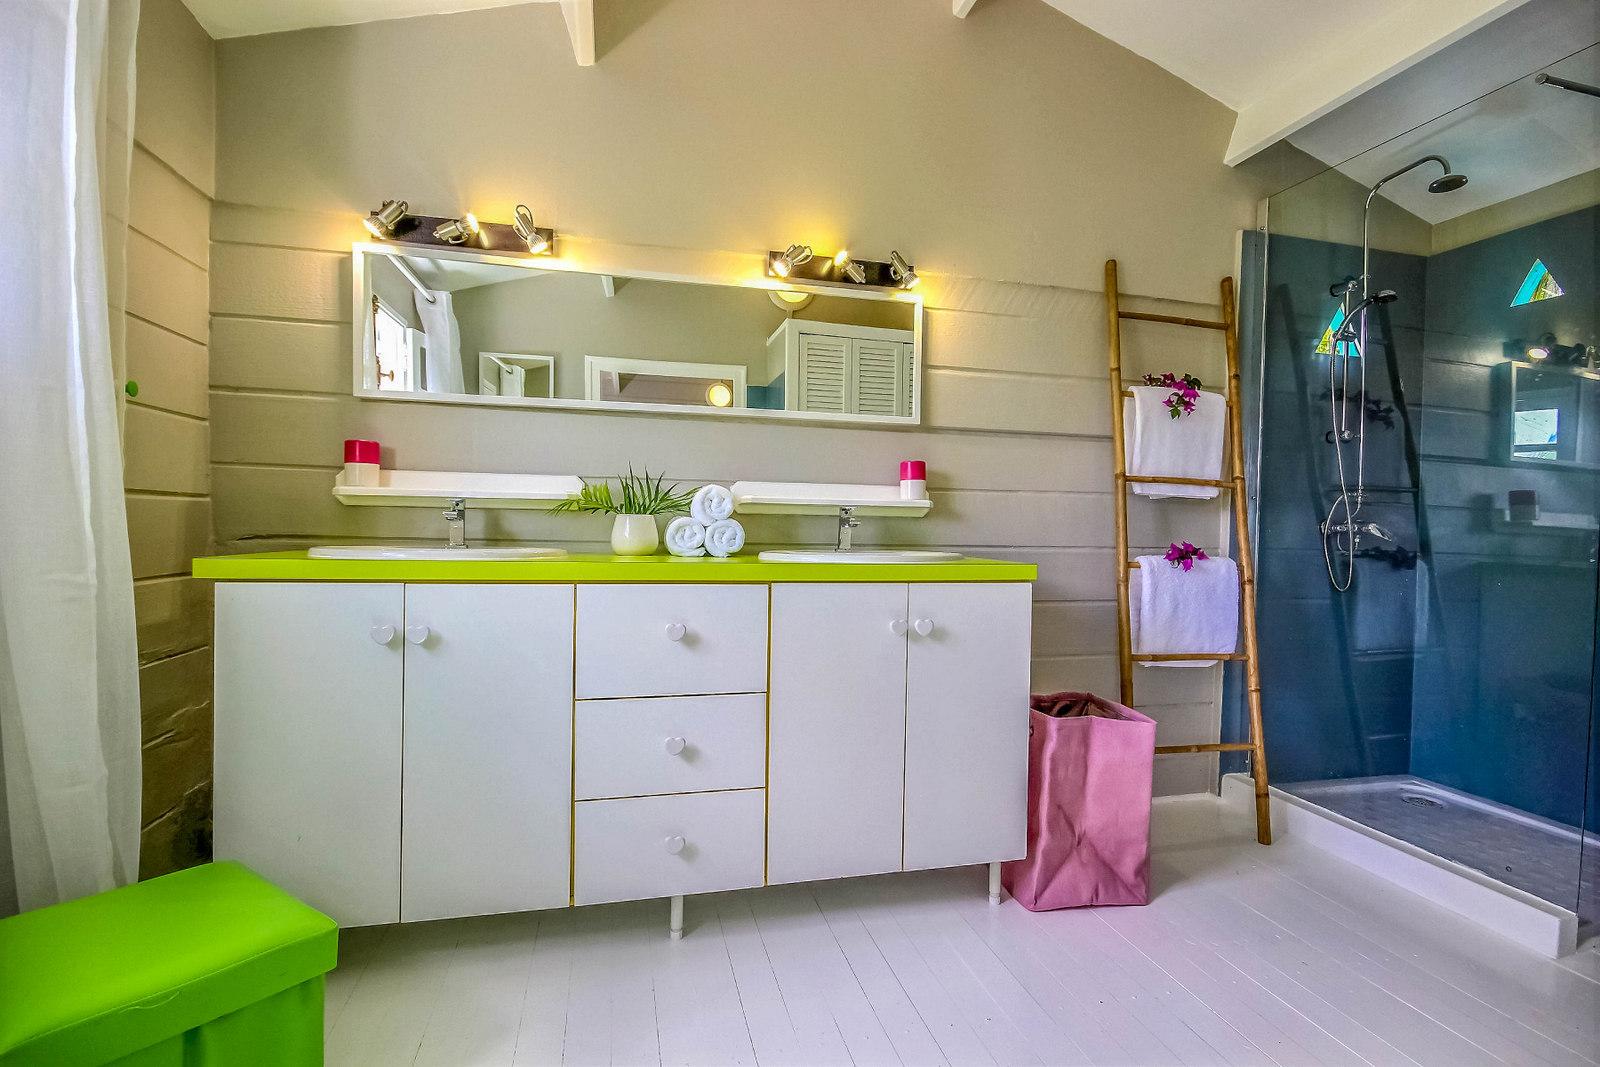 Salle de bain, villa Serenity, location saisonnière en Martinique